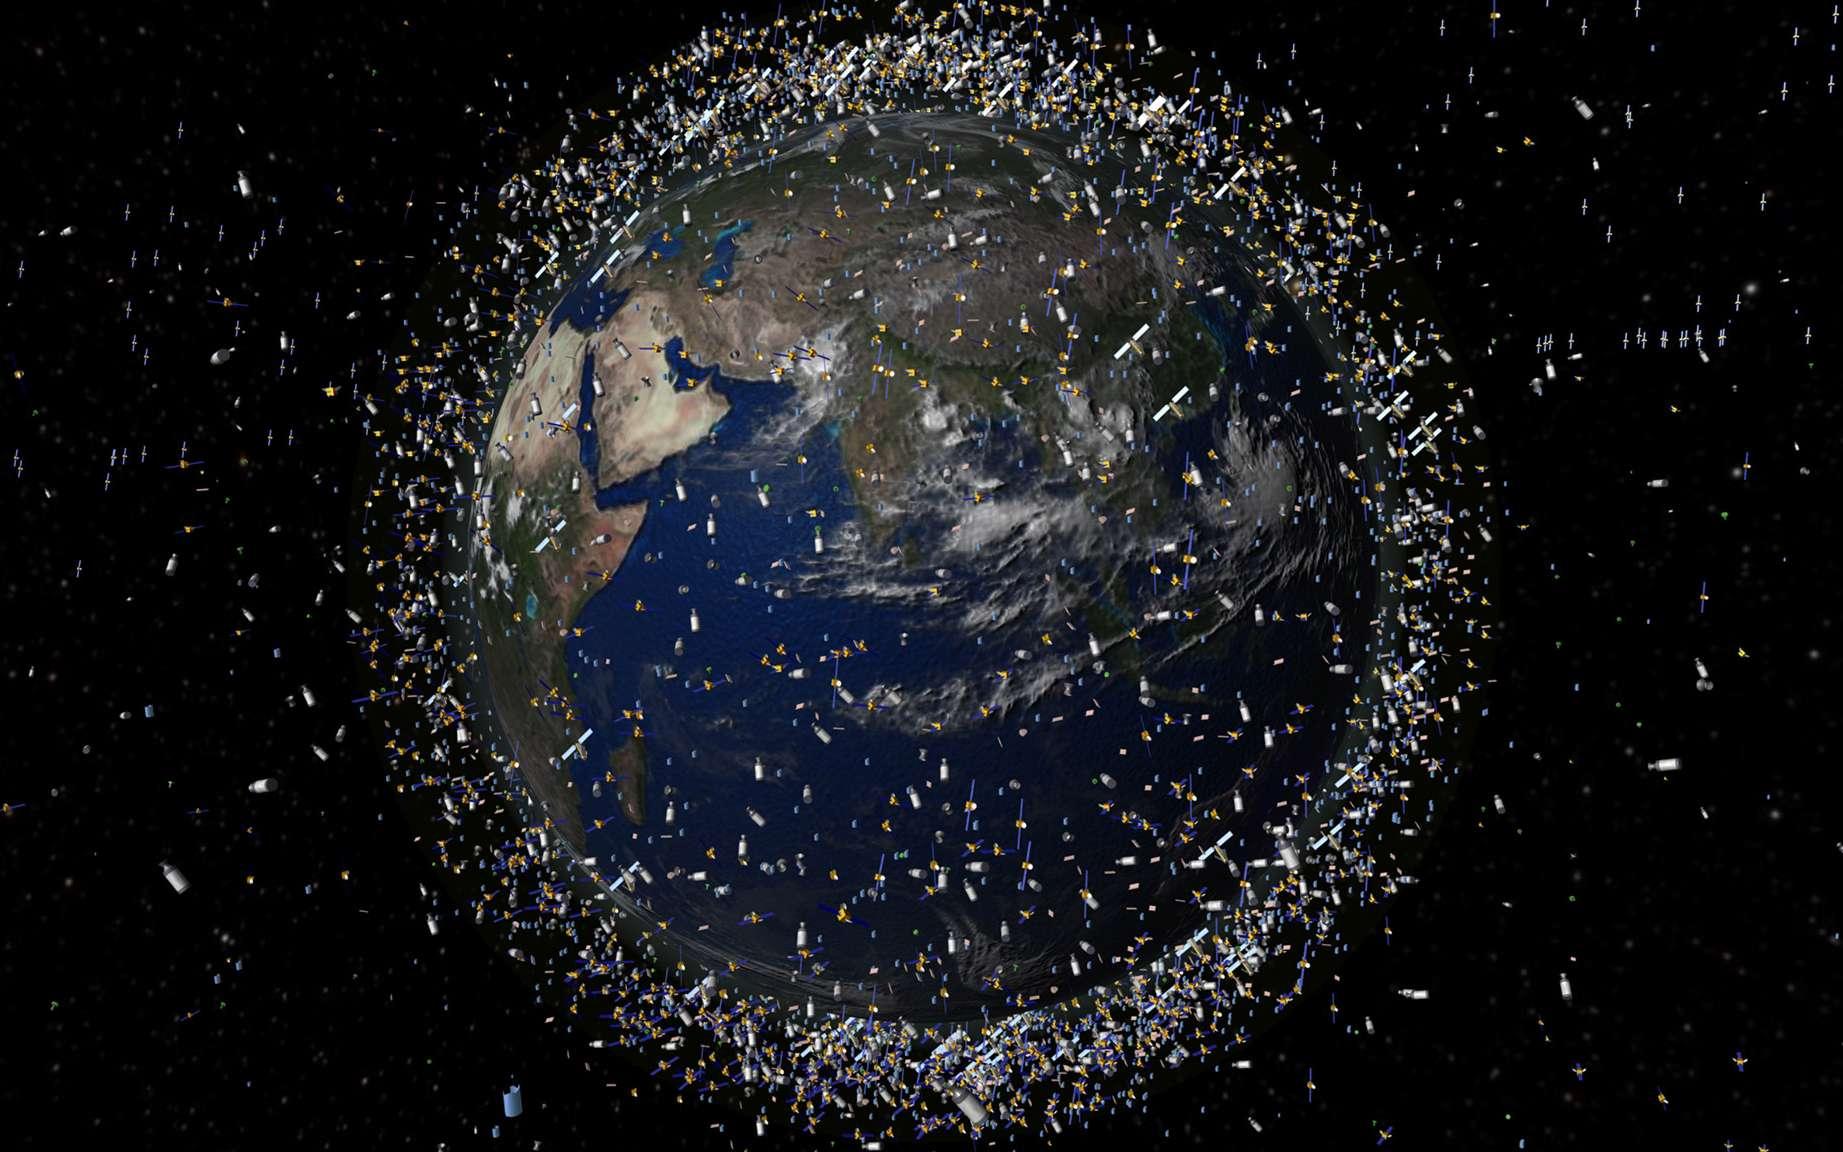 Représentation artistique de la population des satellites et des débris spatiaux en orbite autour de la Terre. © ESA